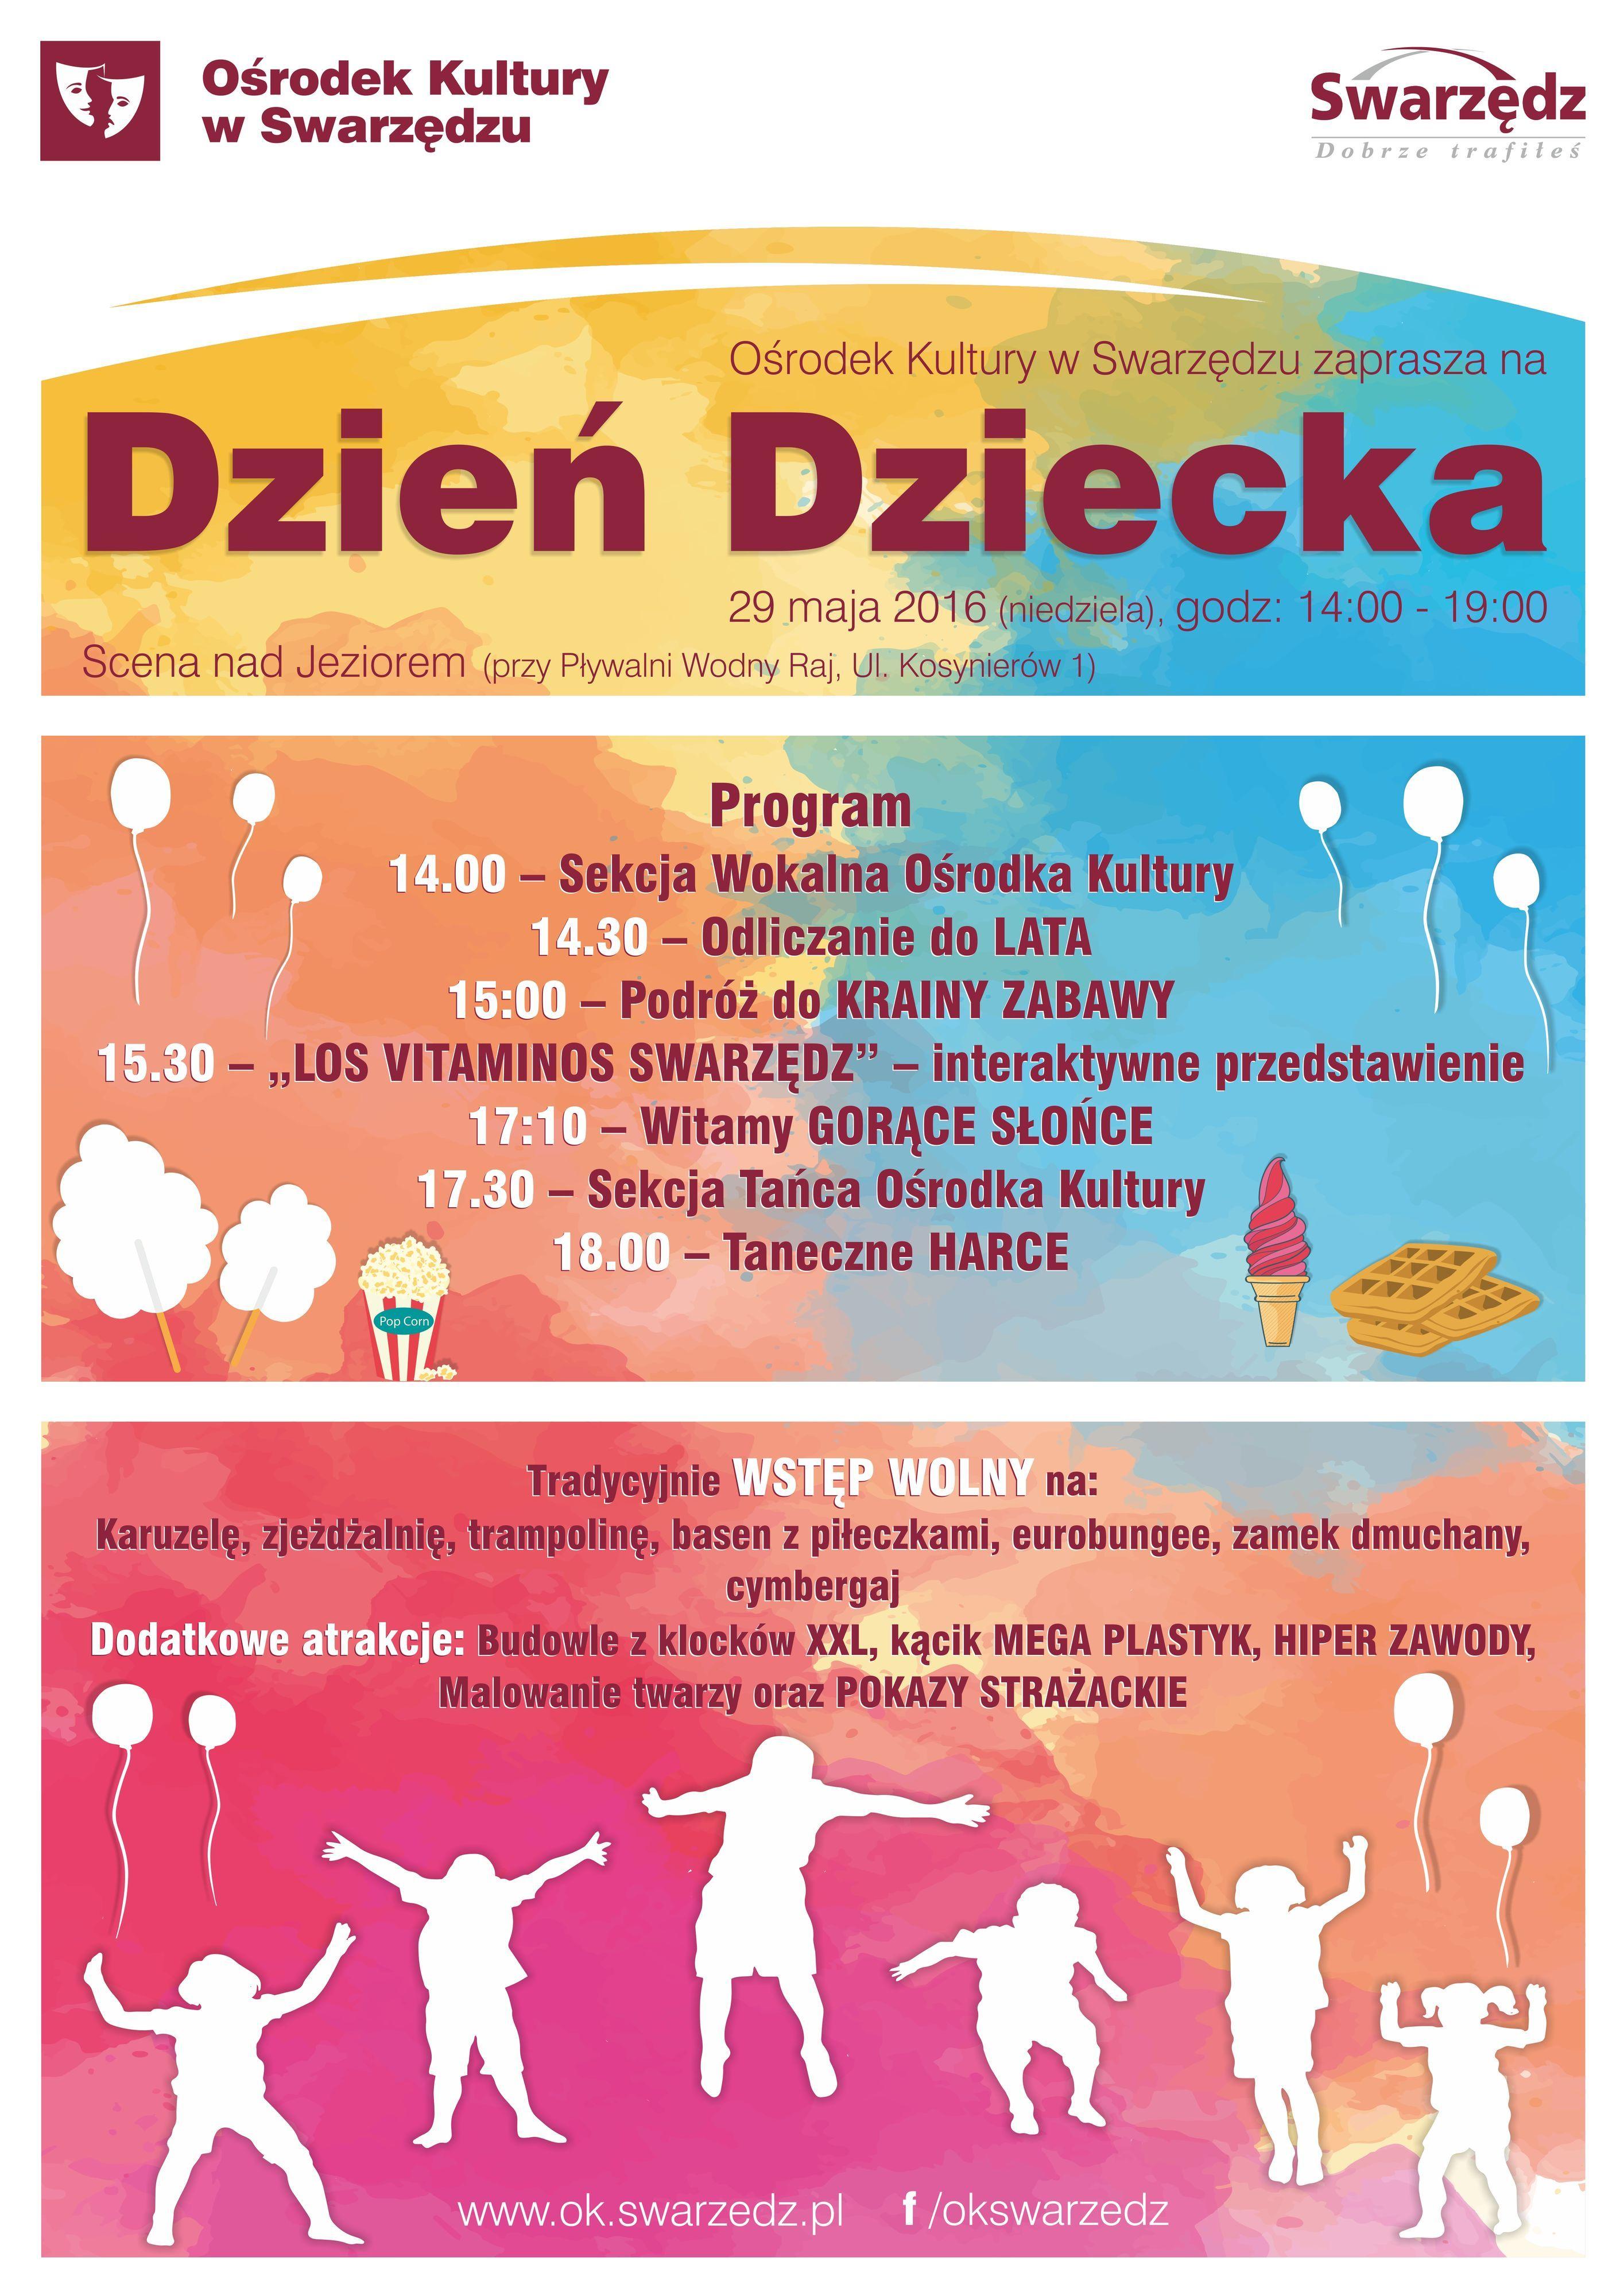 Osrodek Kultury Swarzedz_Dzien_Dziecka_2016_1